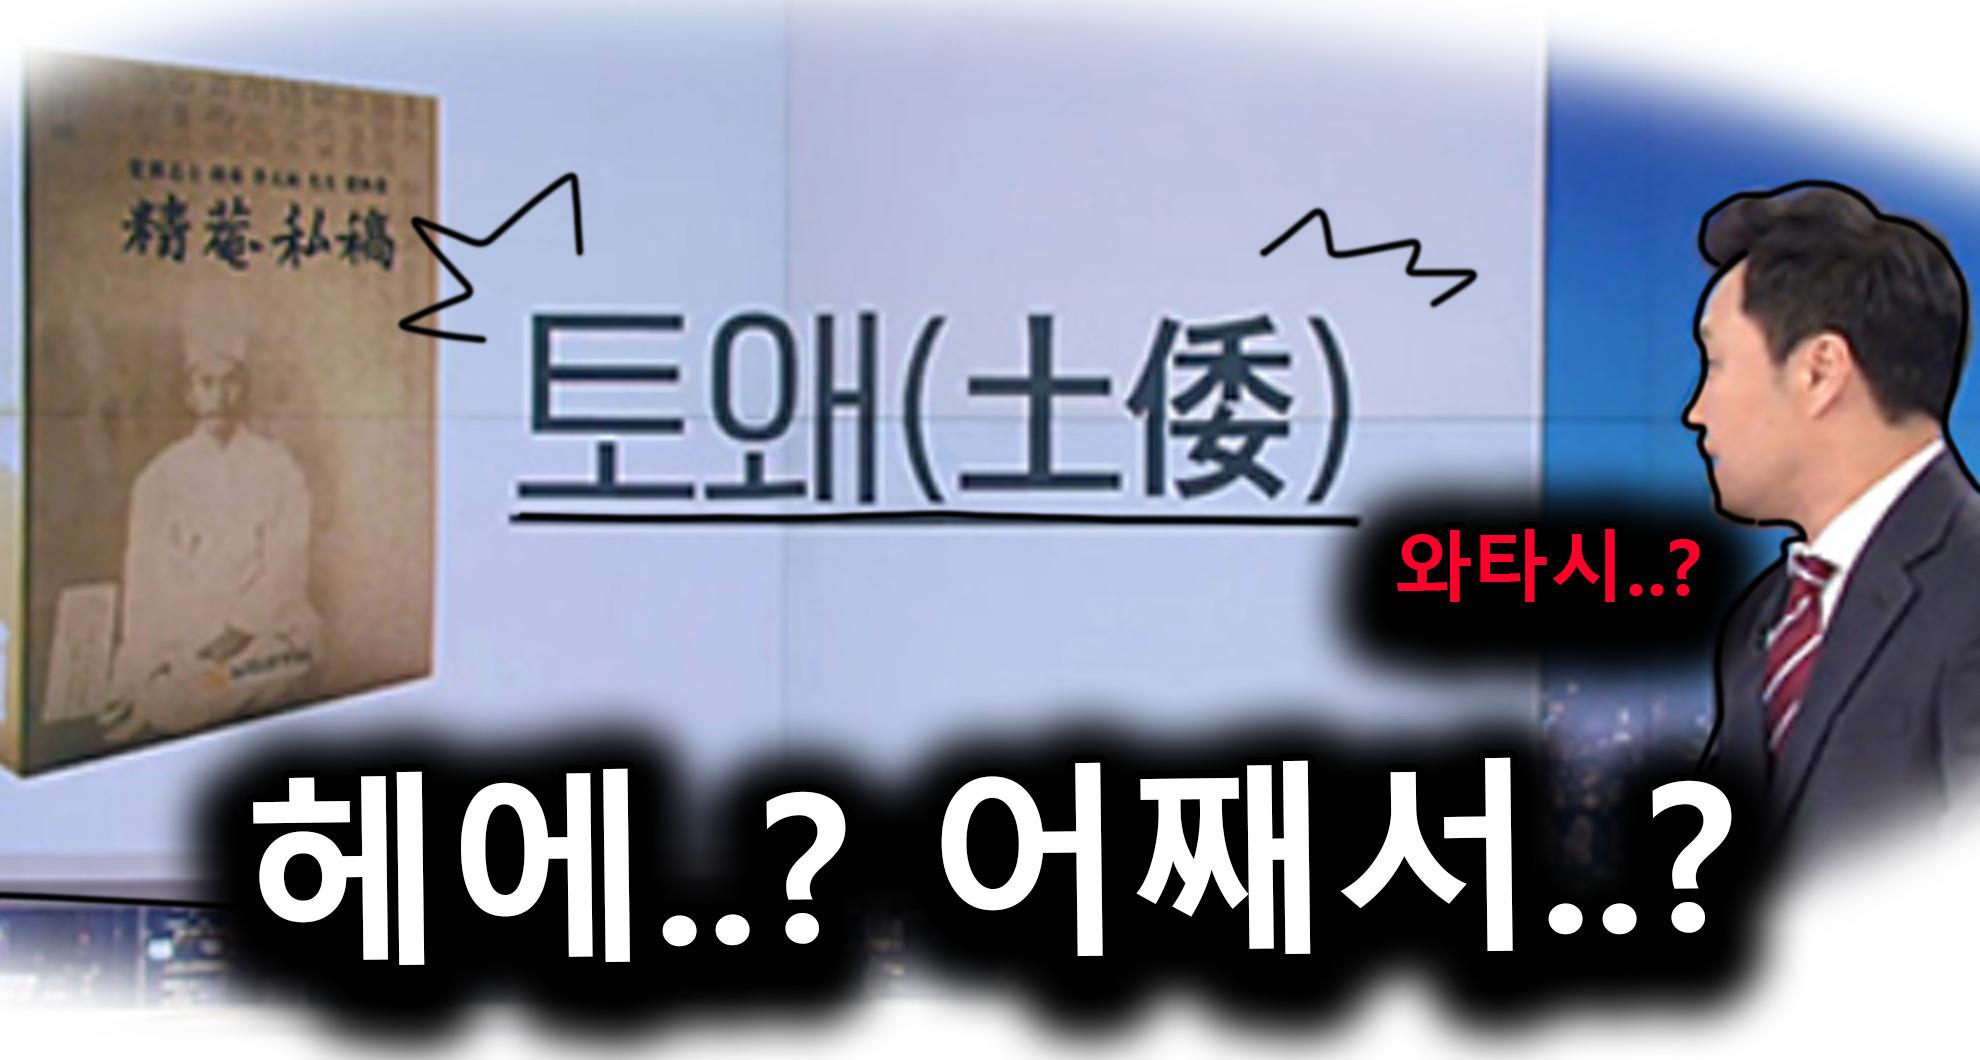 알고보니 내가 토착왜구..? 한국의 역사 발굴 근황…